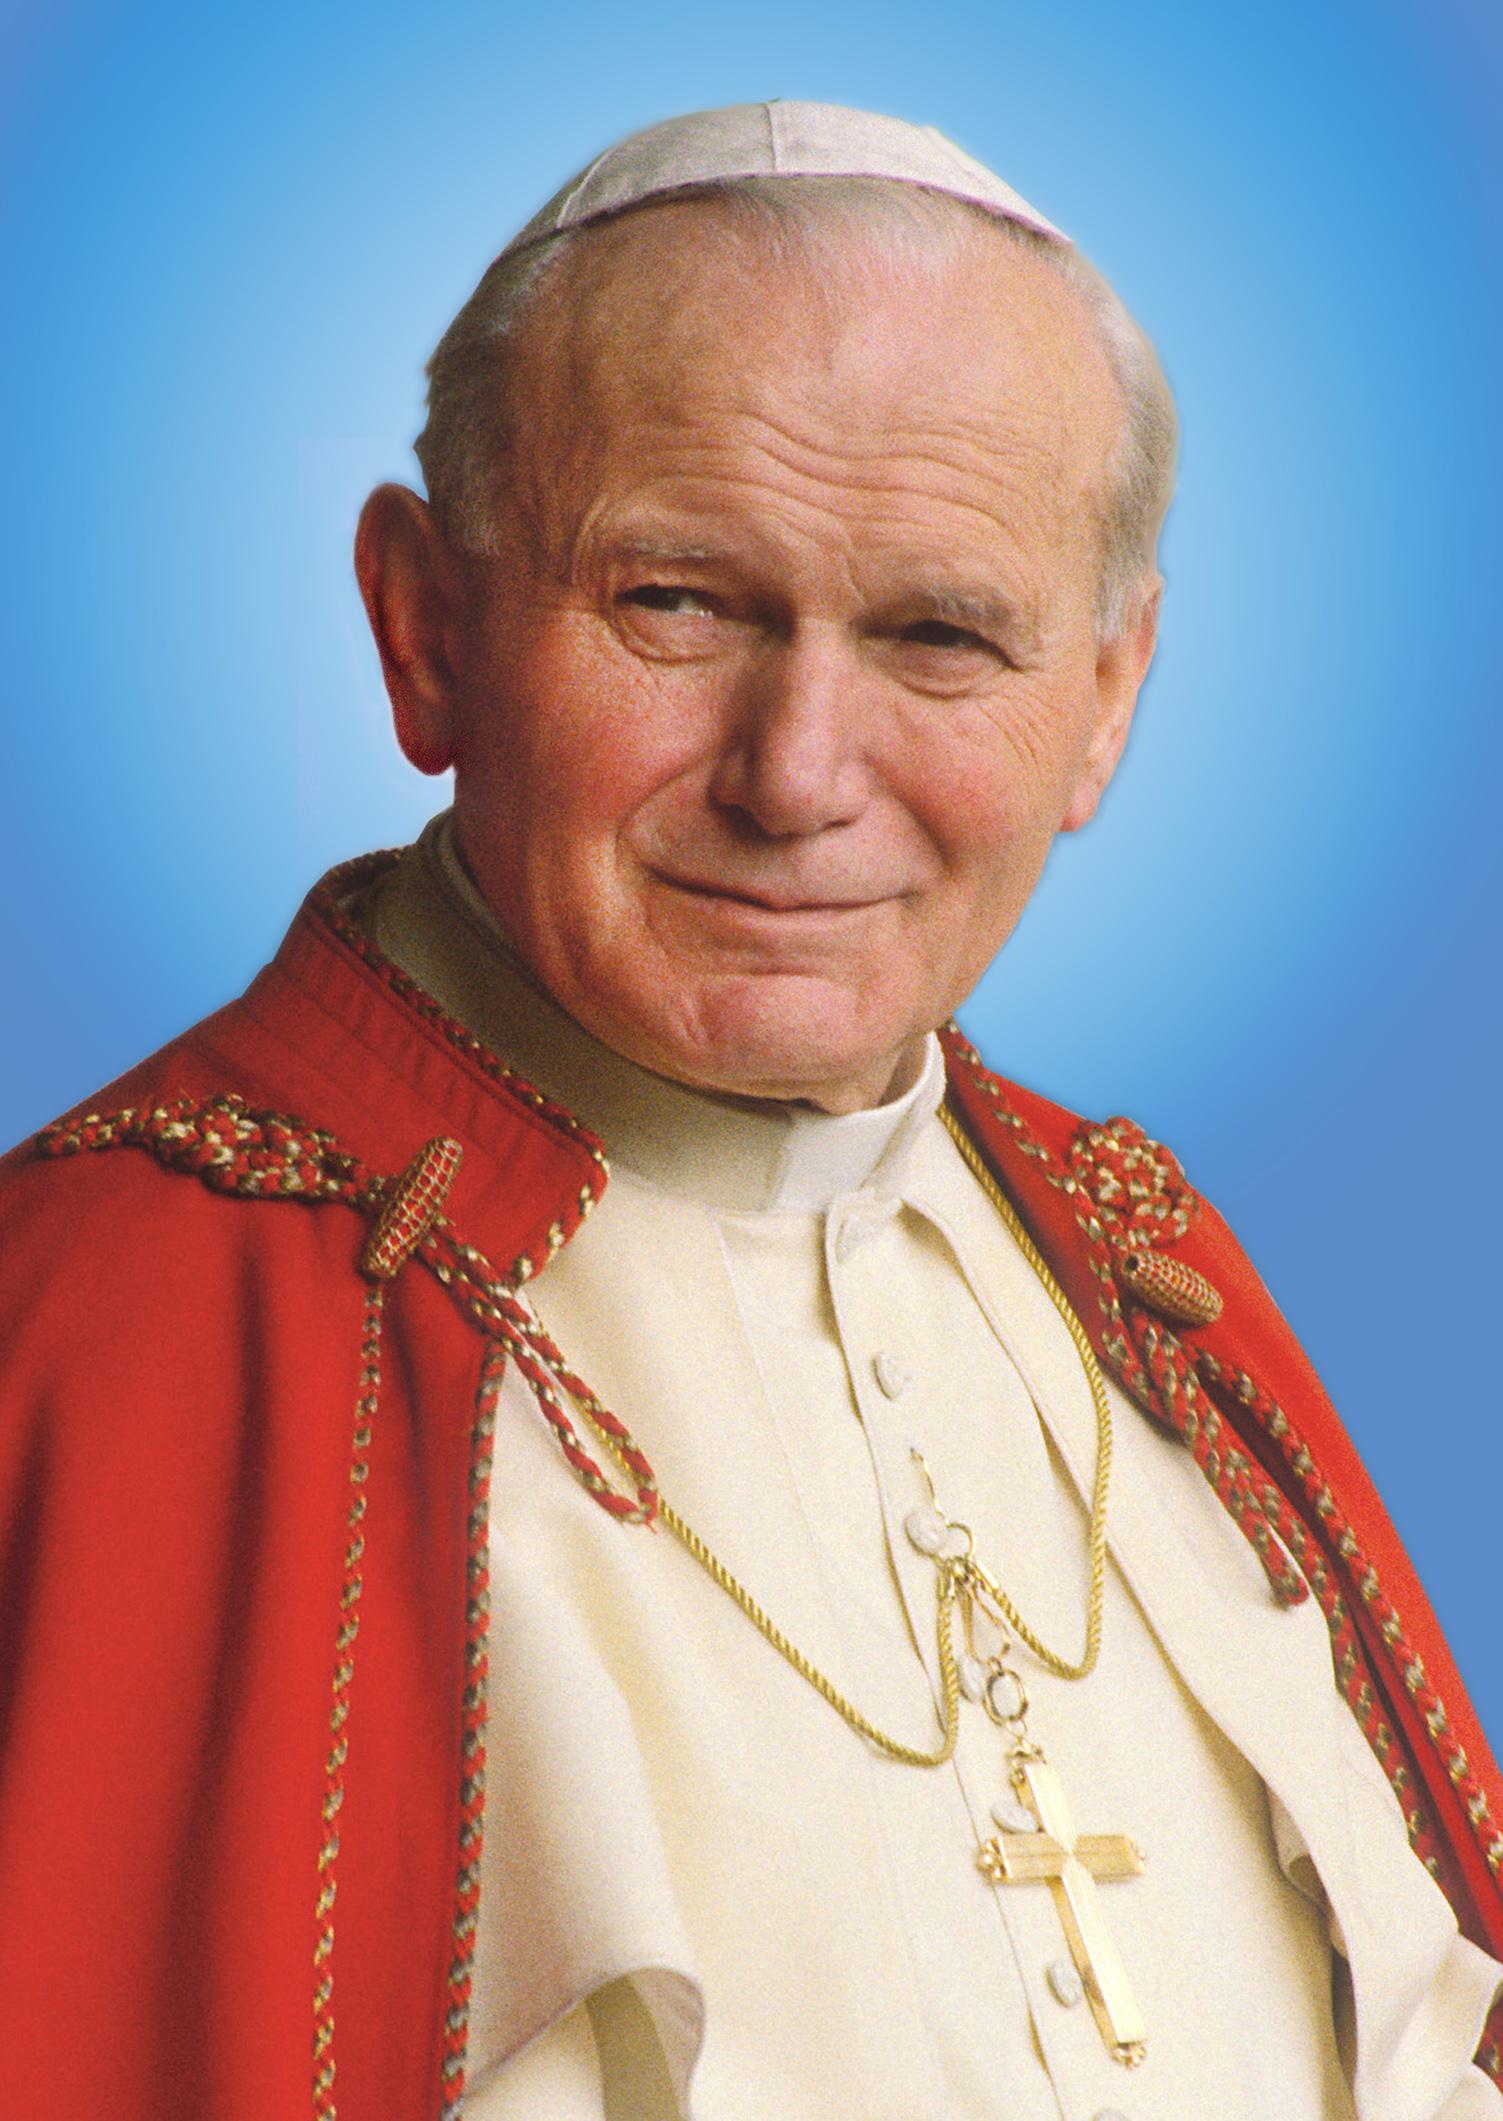 Oração a São João Paulo II - Cardeal Angelo Comastri   Encontro com Cristo